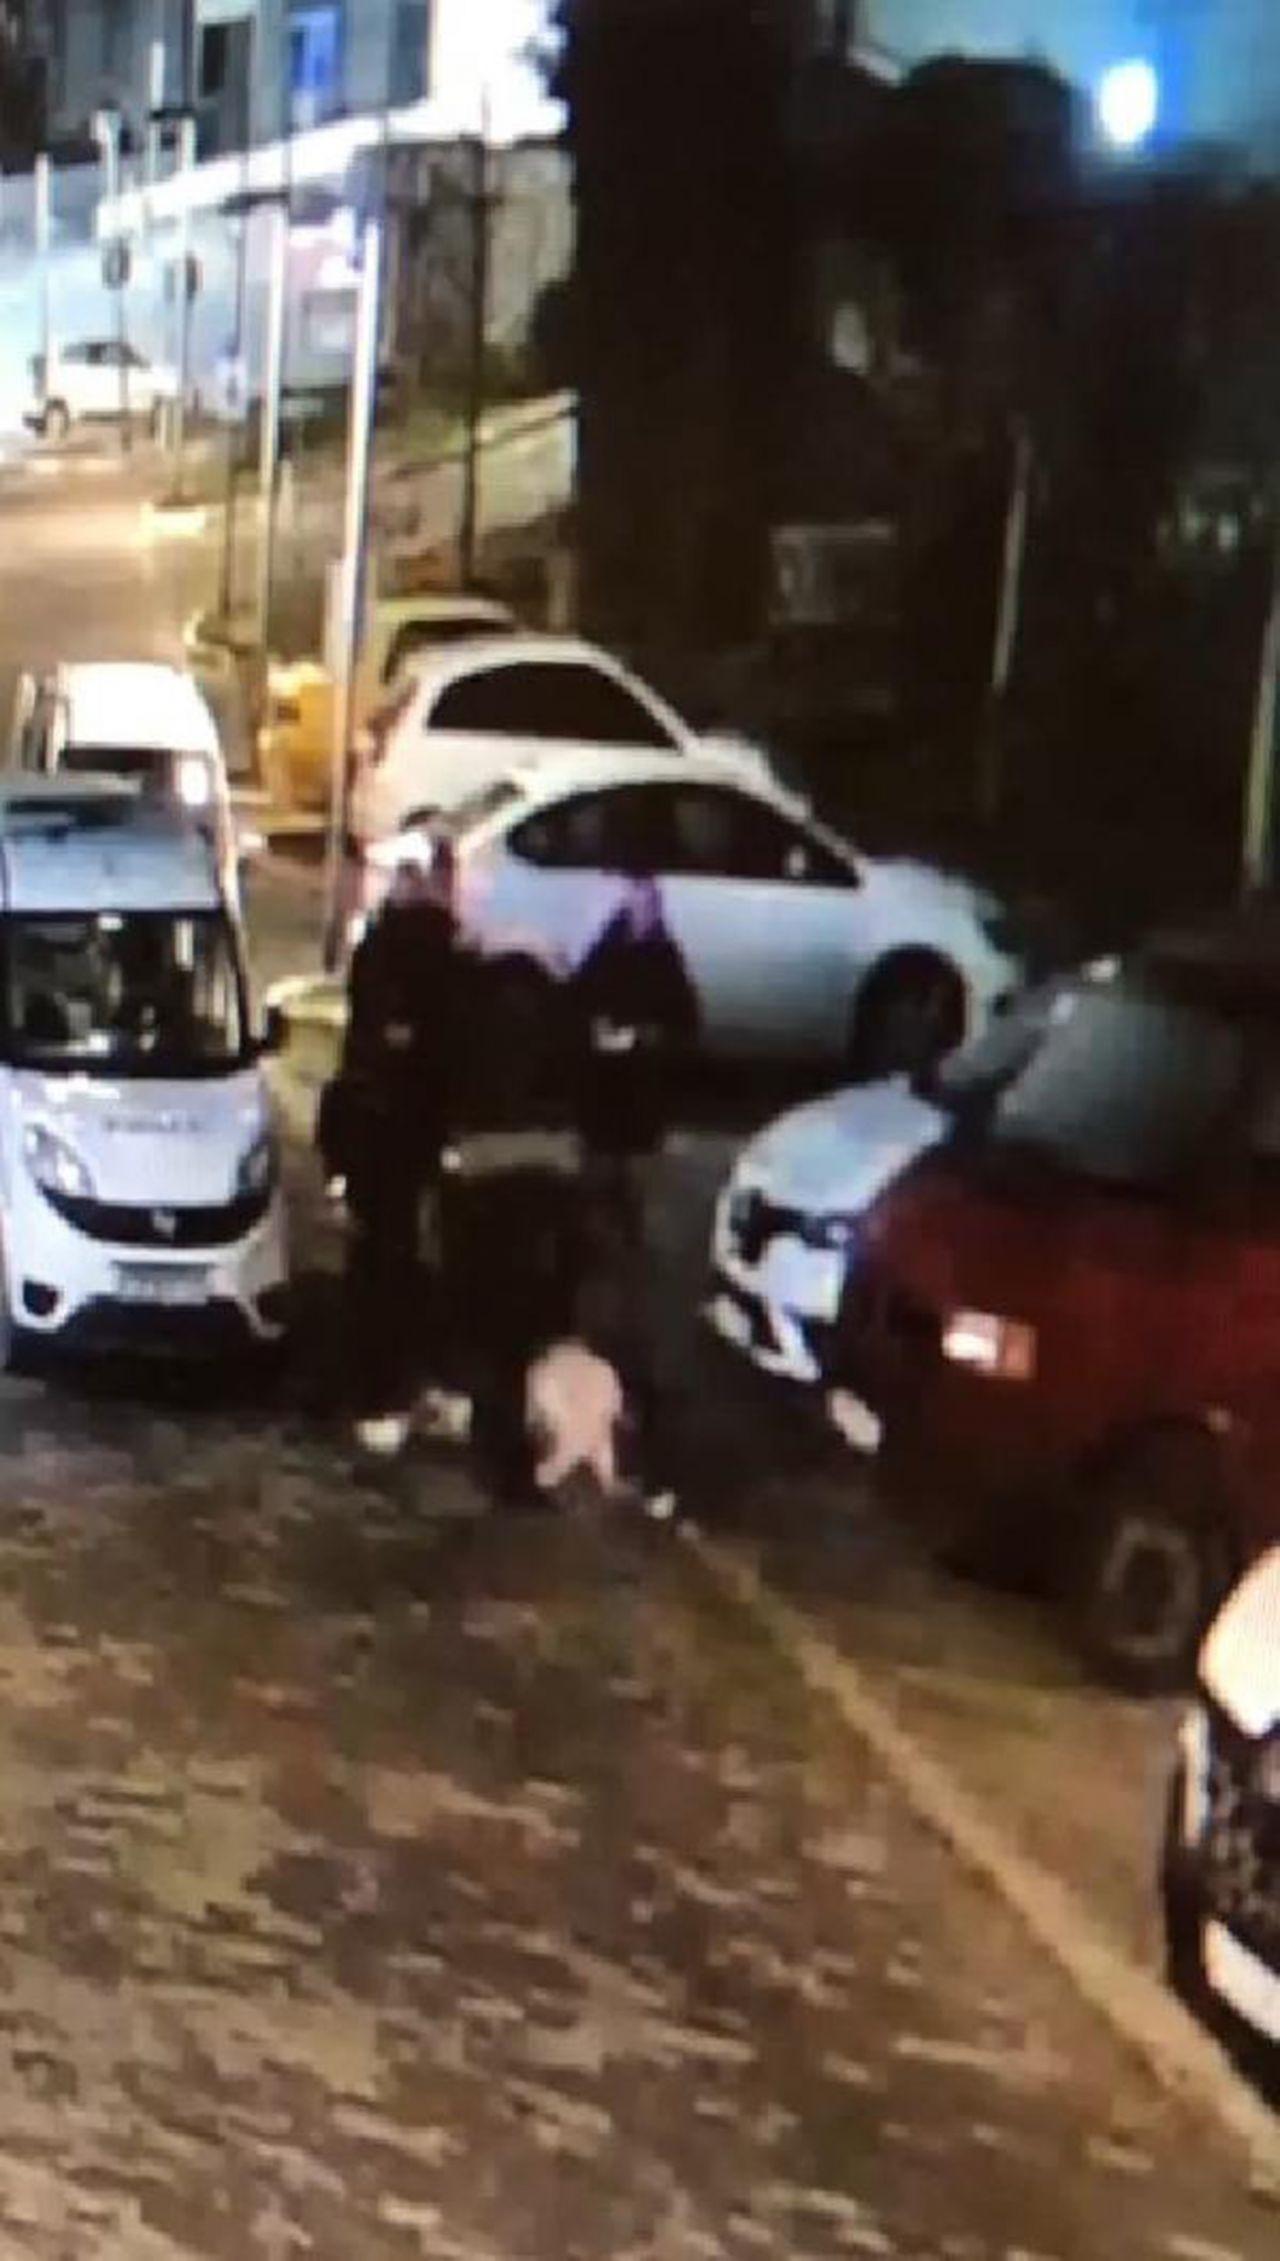 İstanbul'da genç kadına polis dayağı iddiası: ''Doktor az bile yapmışsınız dedi'' - Resim: 2